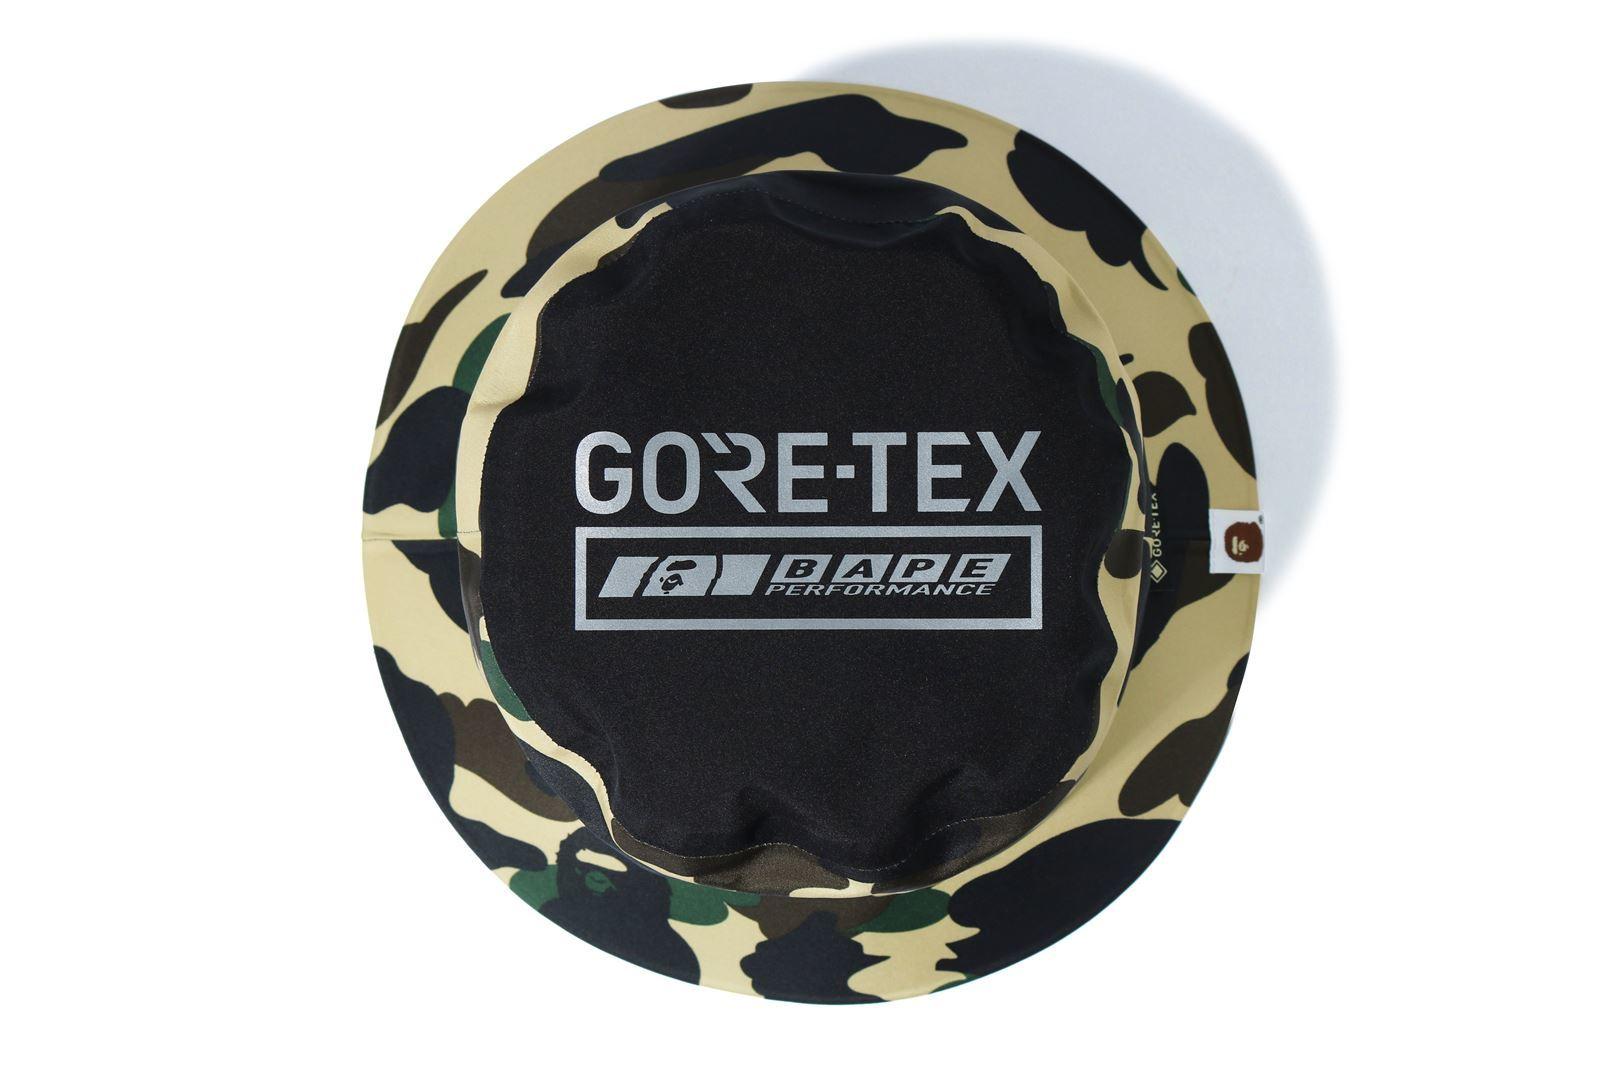 BAPE® GORE-TEX COLLECTION_a0174495_11283379.jpg